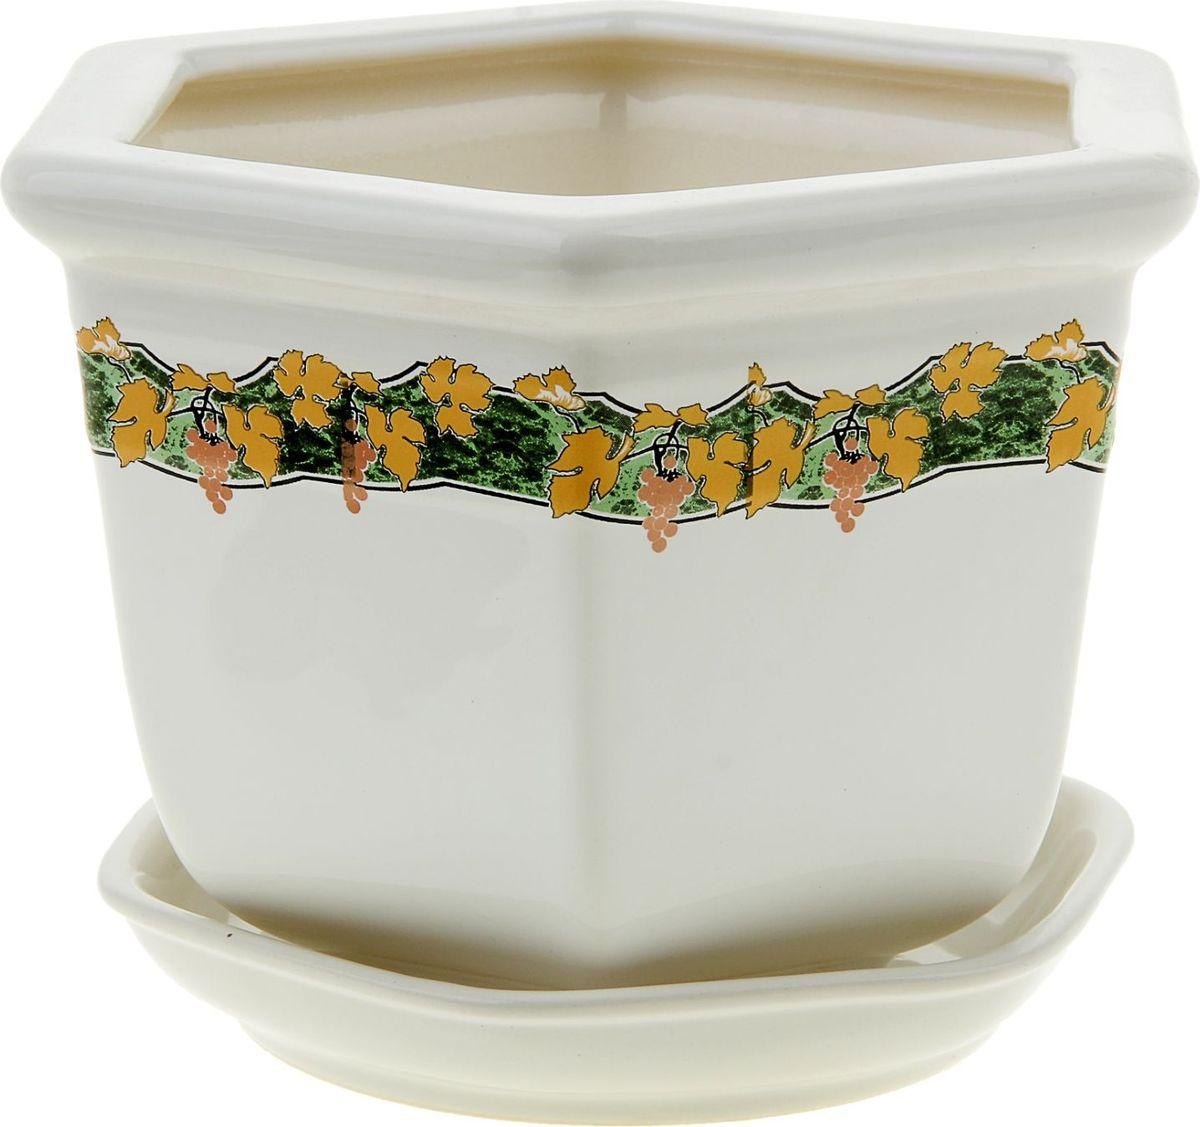 Кашпо Керамика ручной работы Греция. Золотая лоза, цвет: белый, 2 л835569Комнатные растения - всеобщие любимцы. Они радуют глаз, насыщают помещение кислородом и украшают пространство. Каждому из них необходим свой удобный и красивый дом. Кашпо из керамики прекрасно подходят для высадки растений: за счет пластичности глины и разных способов обработки существует великое множество форм и дизайнов. Пористый материал позволяет испаряться лишней влаге. Воздух, необходимый для дыхания корней, проникает сквозь керамические стенки.